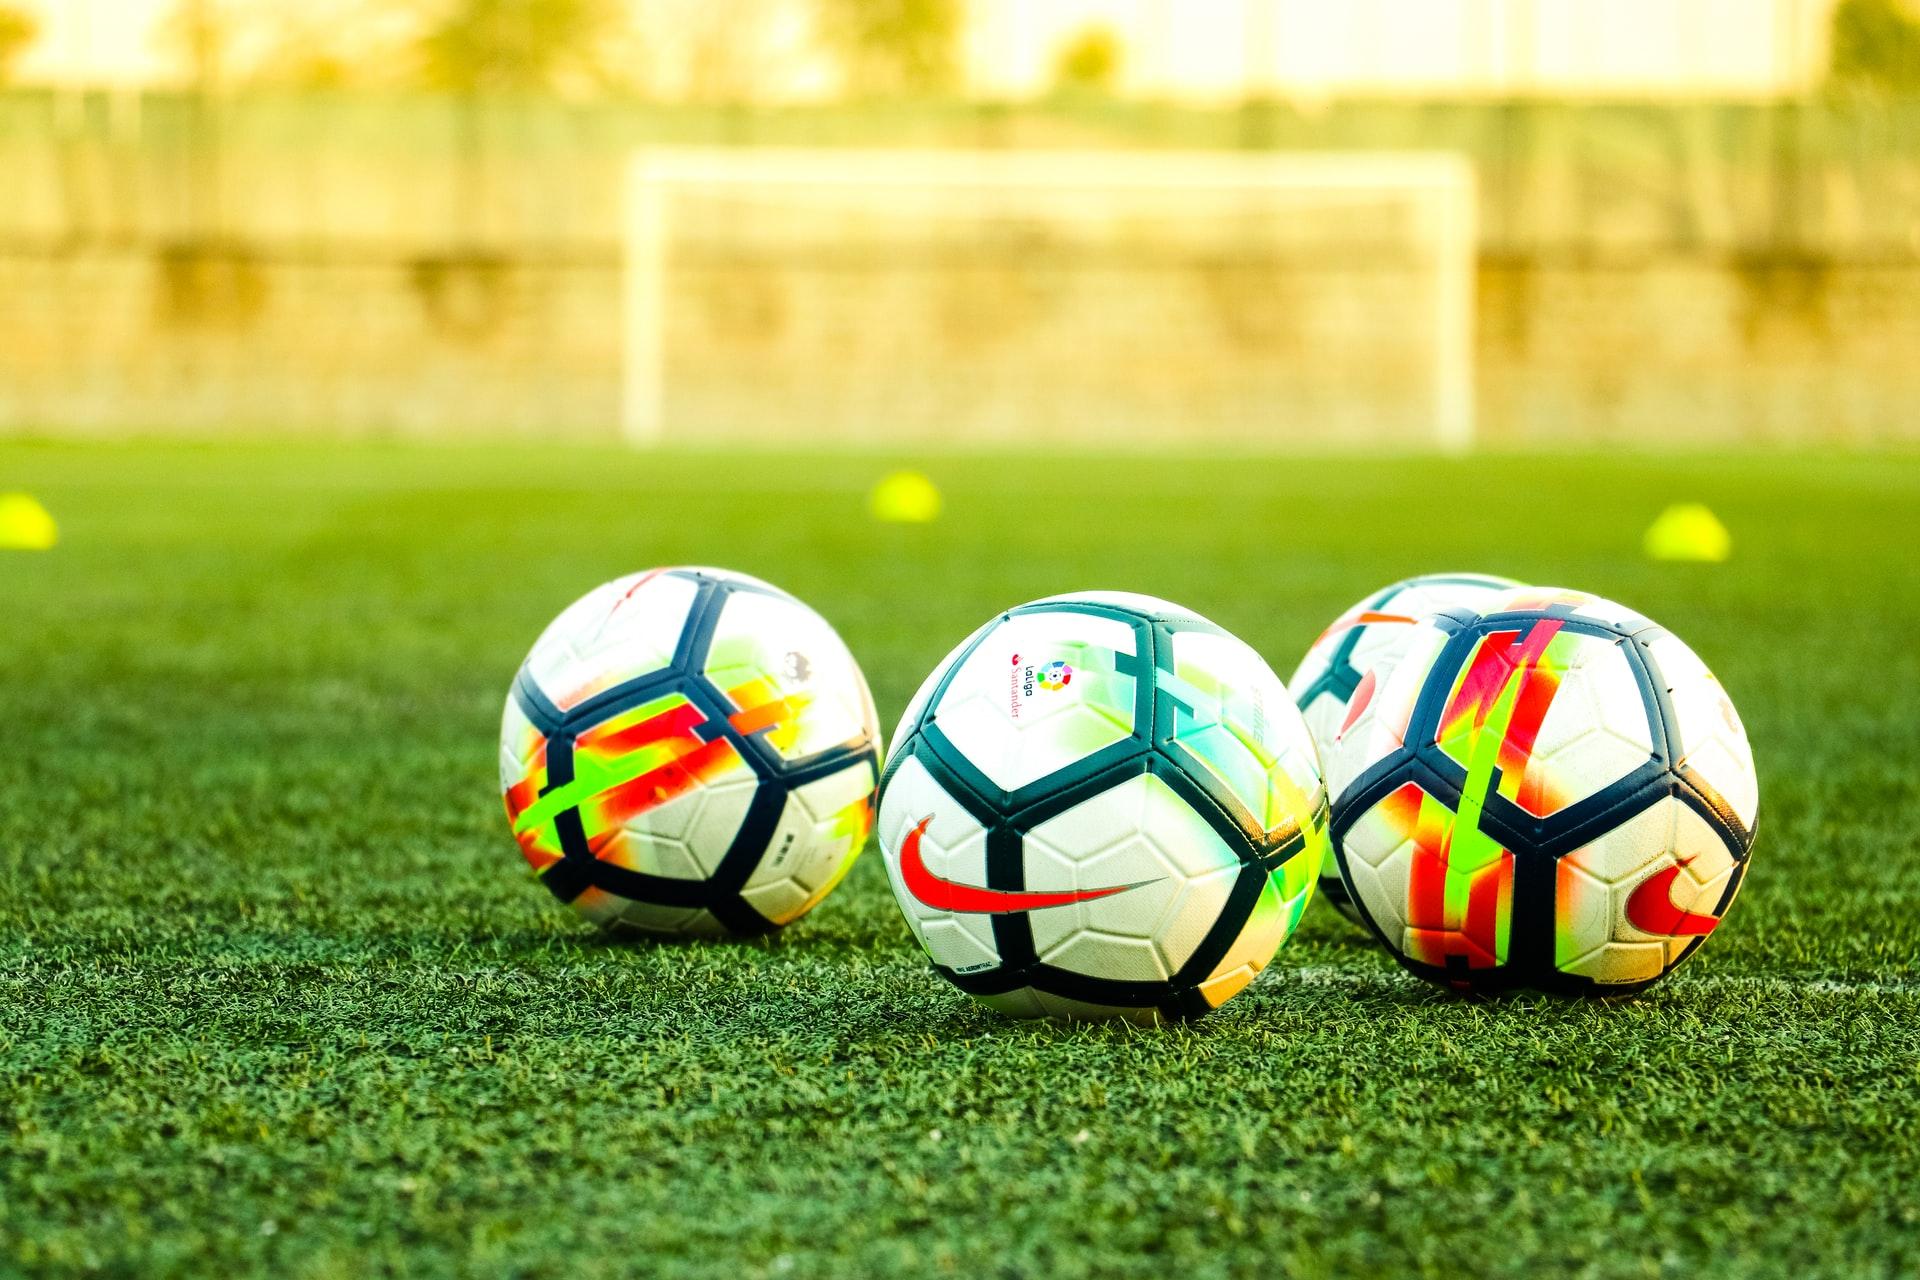 Clientes en España, Reino Unido y Alemania de Rakuten podrán adquirir tokens para fanáticos de equipos como FC Barcelona, Paris Saint-Germain y Juventus tras una alianza con Chiliz